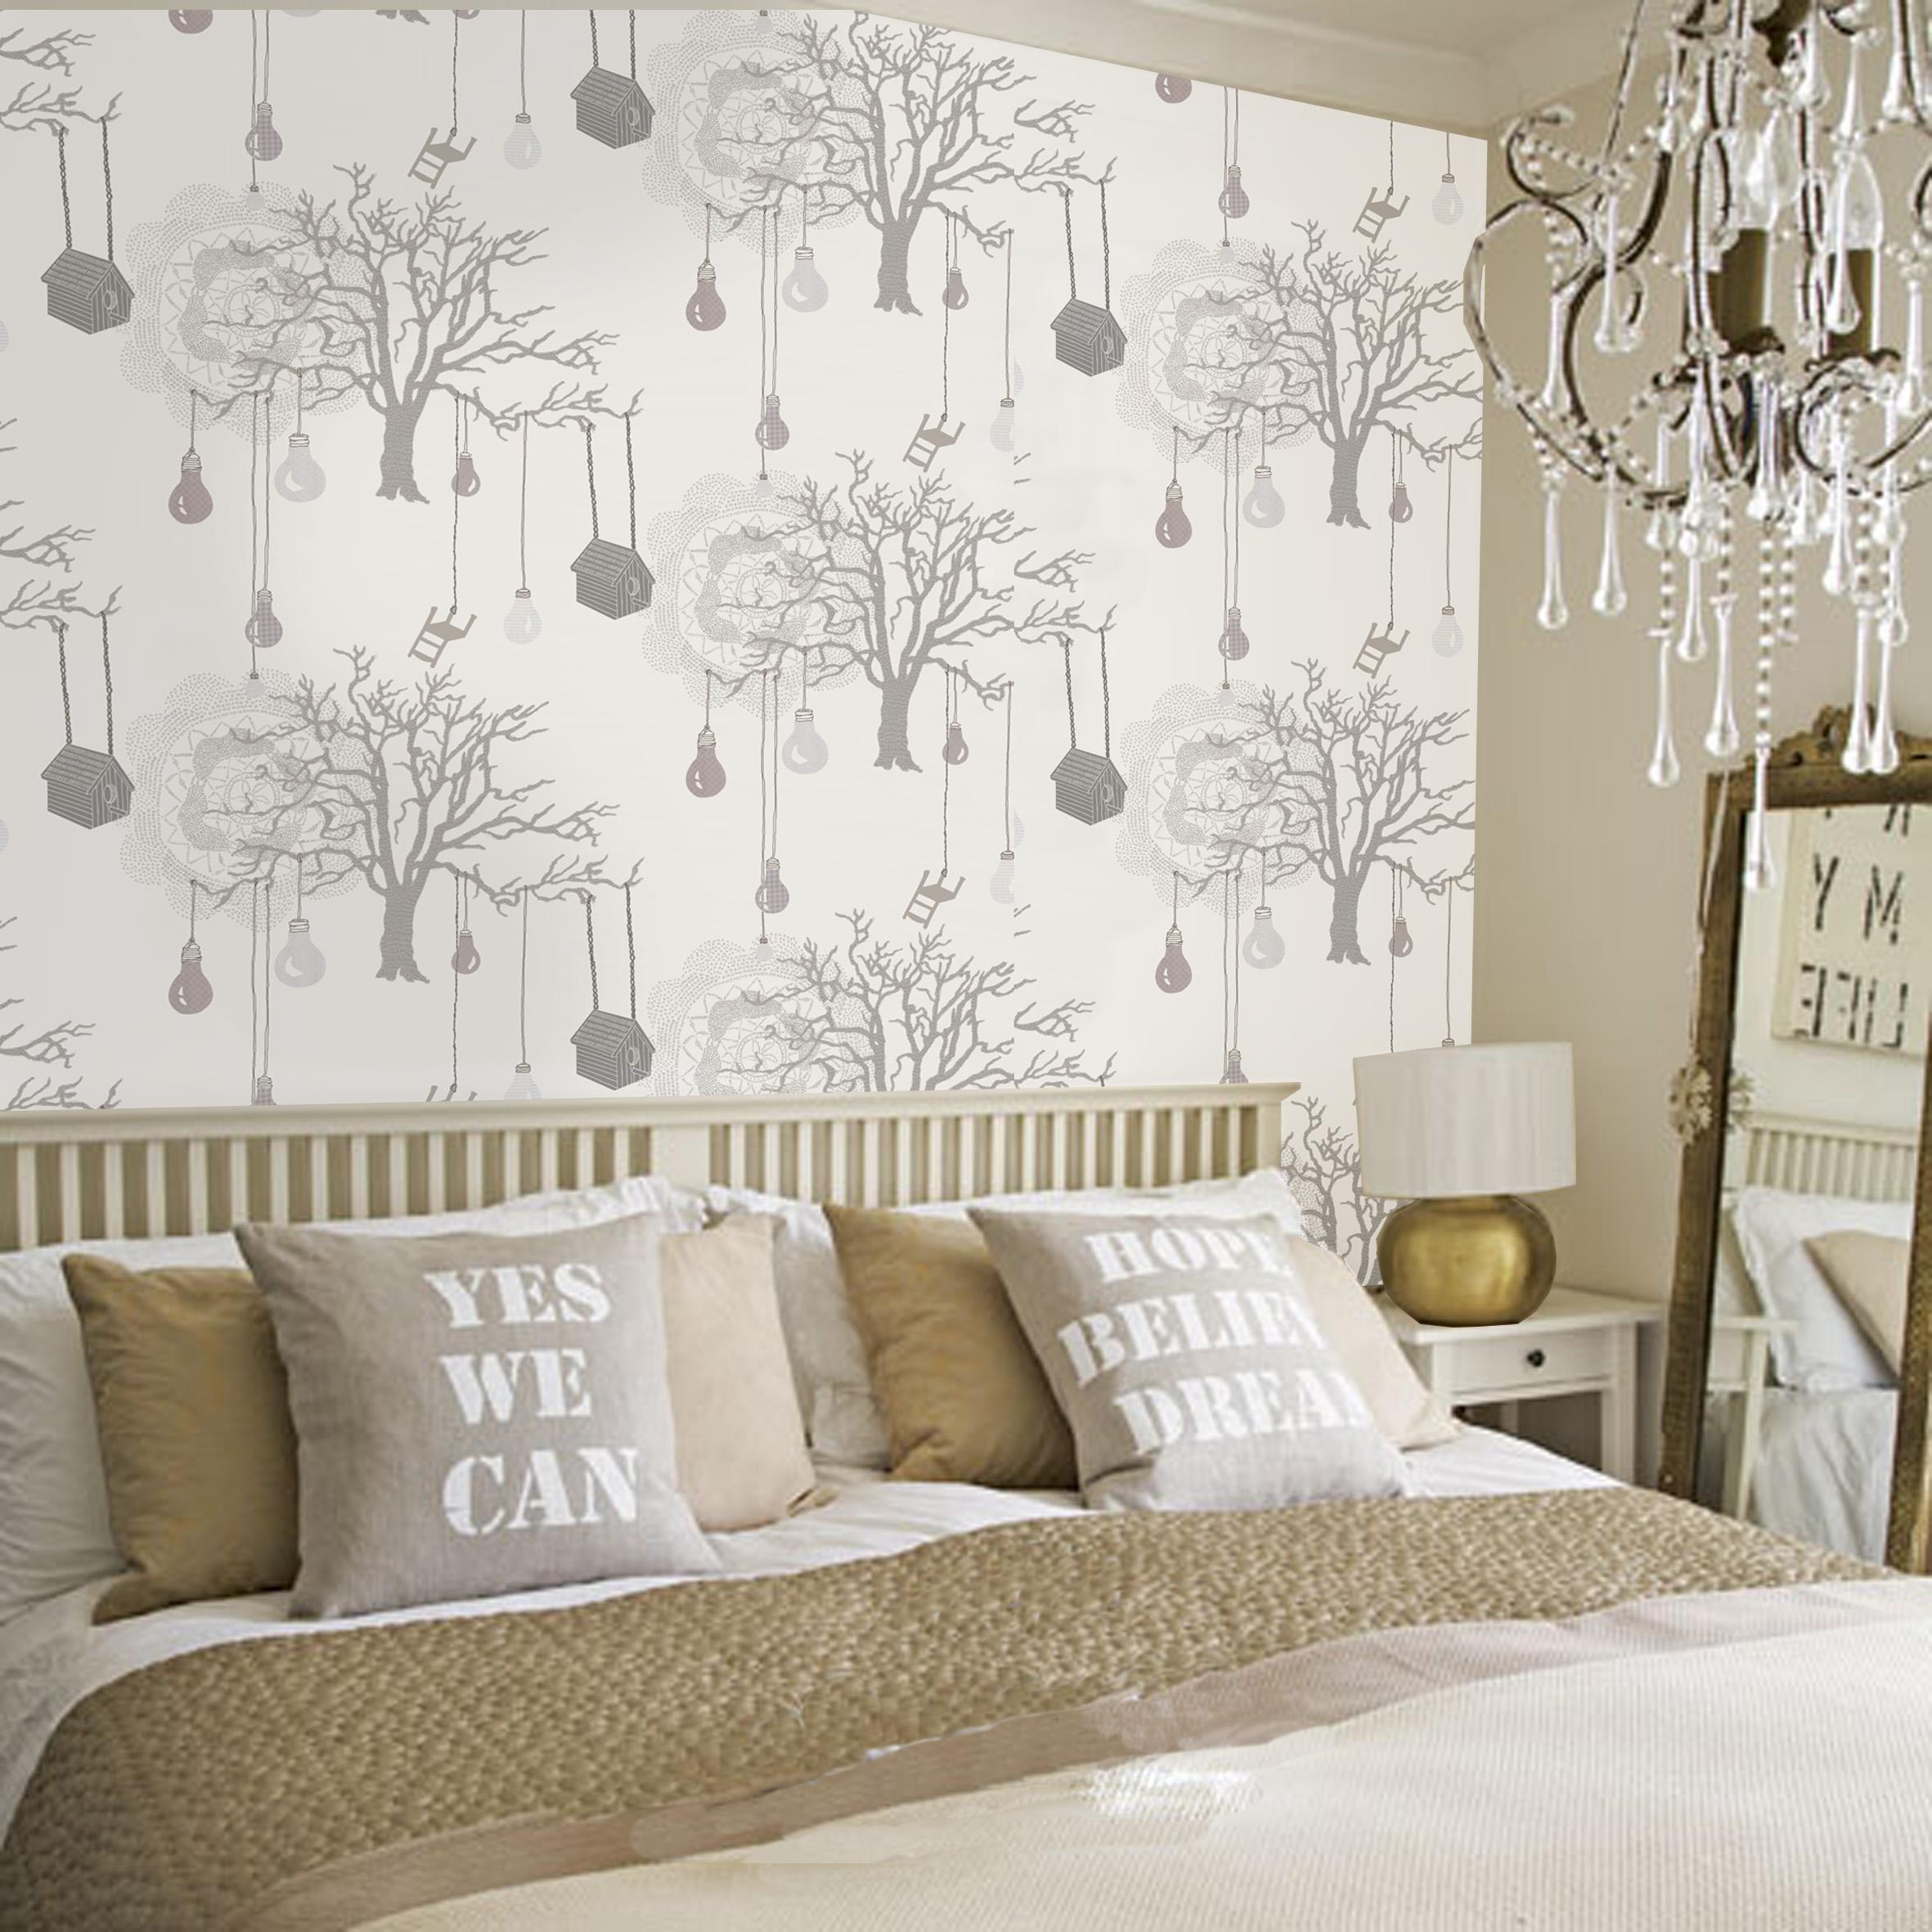 30 Best Diy Wallpaper Designs for Bedrooms UK 2015 2362x2362